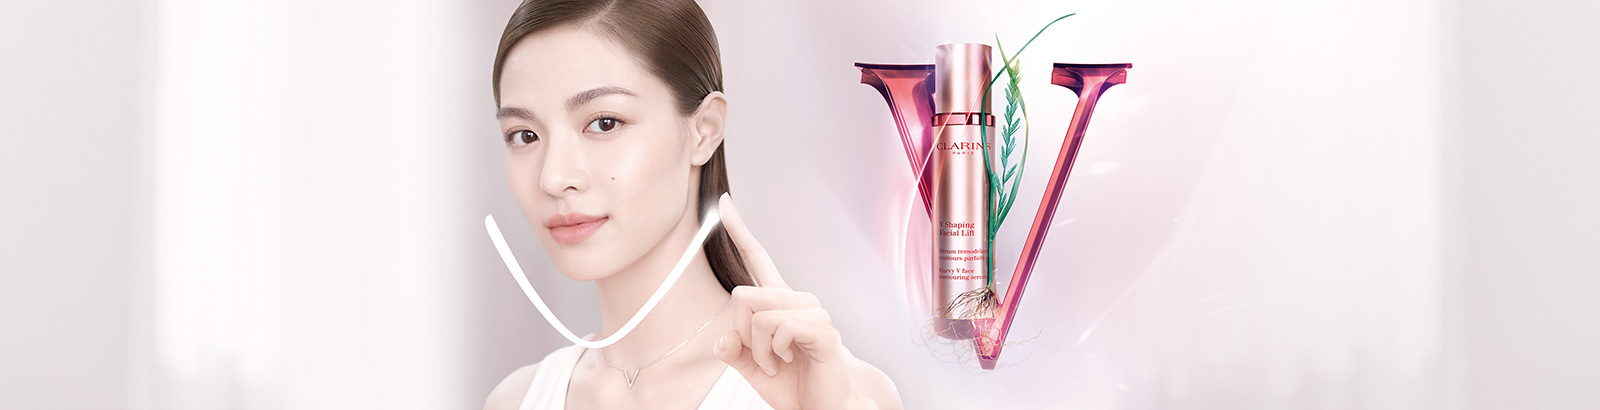 V Shaping Facial Lift Serum- Clarins